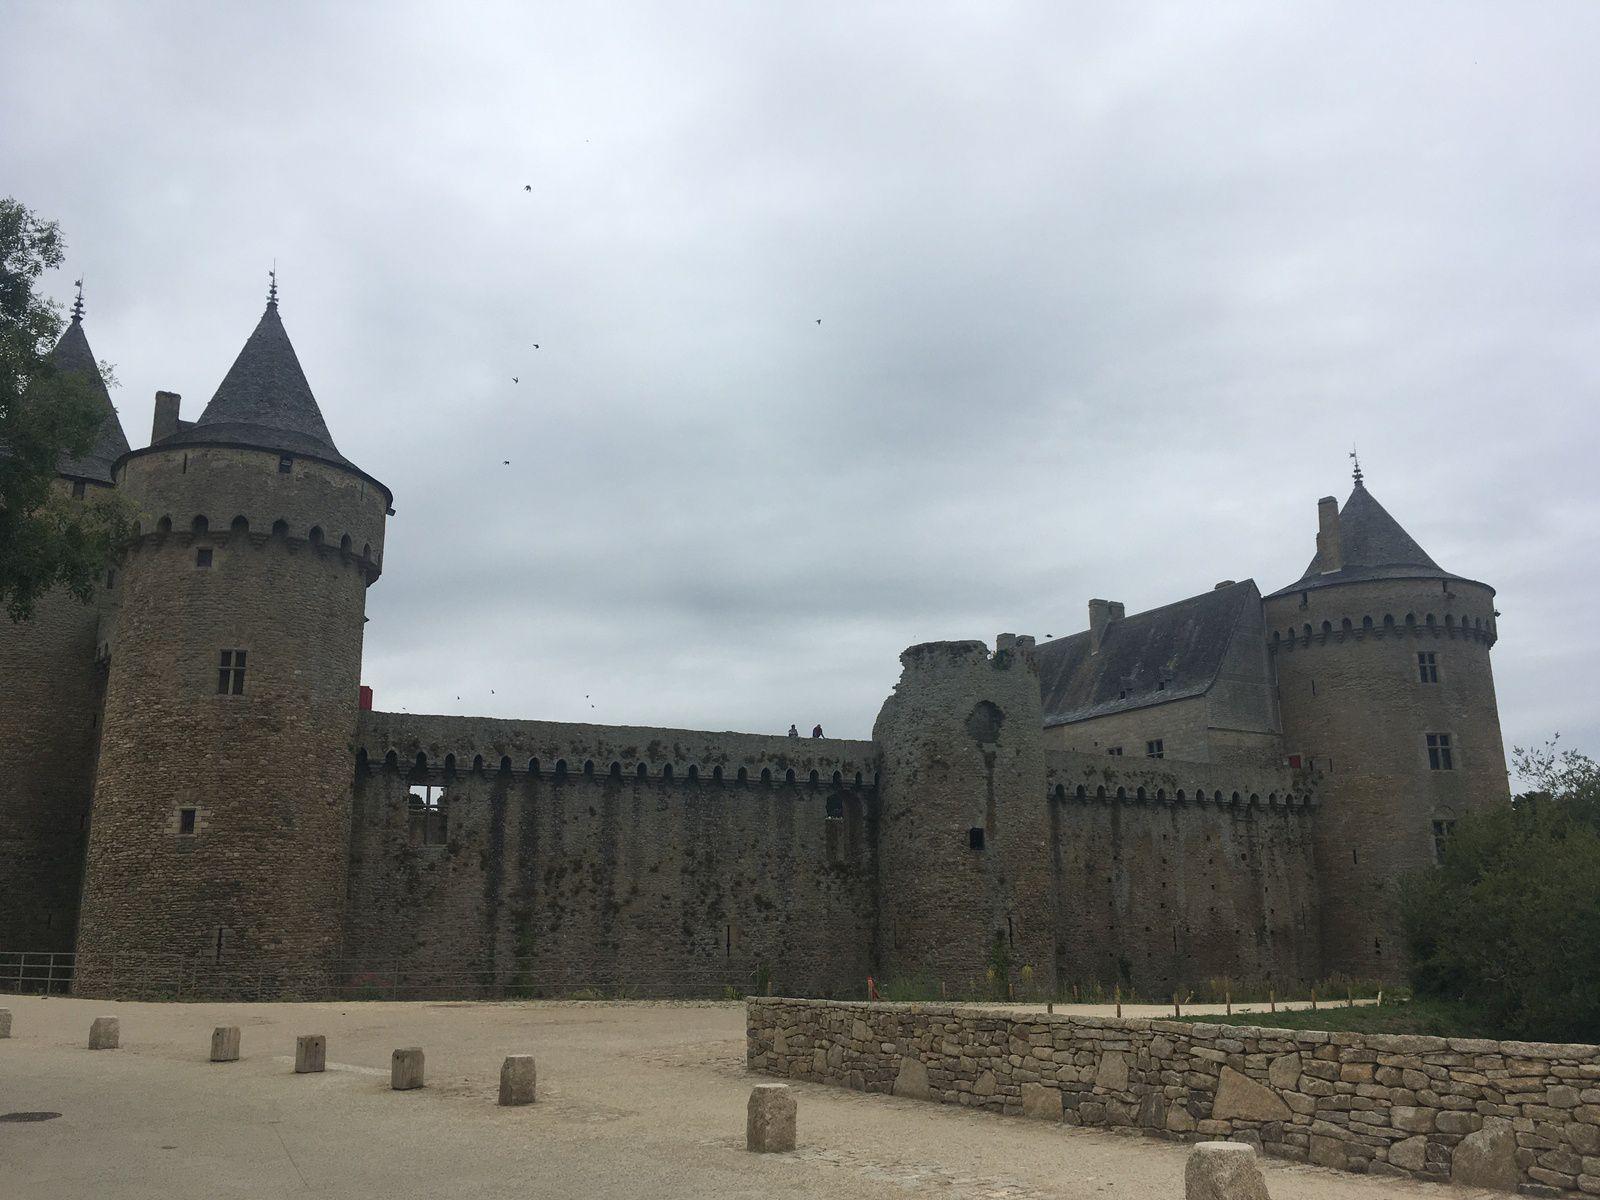 25 juin 2021 : Château de Suscinio (France)